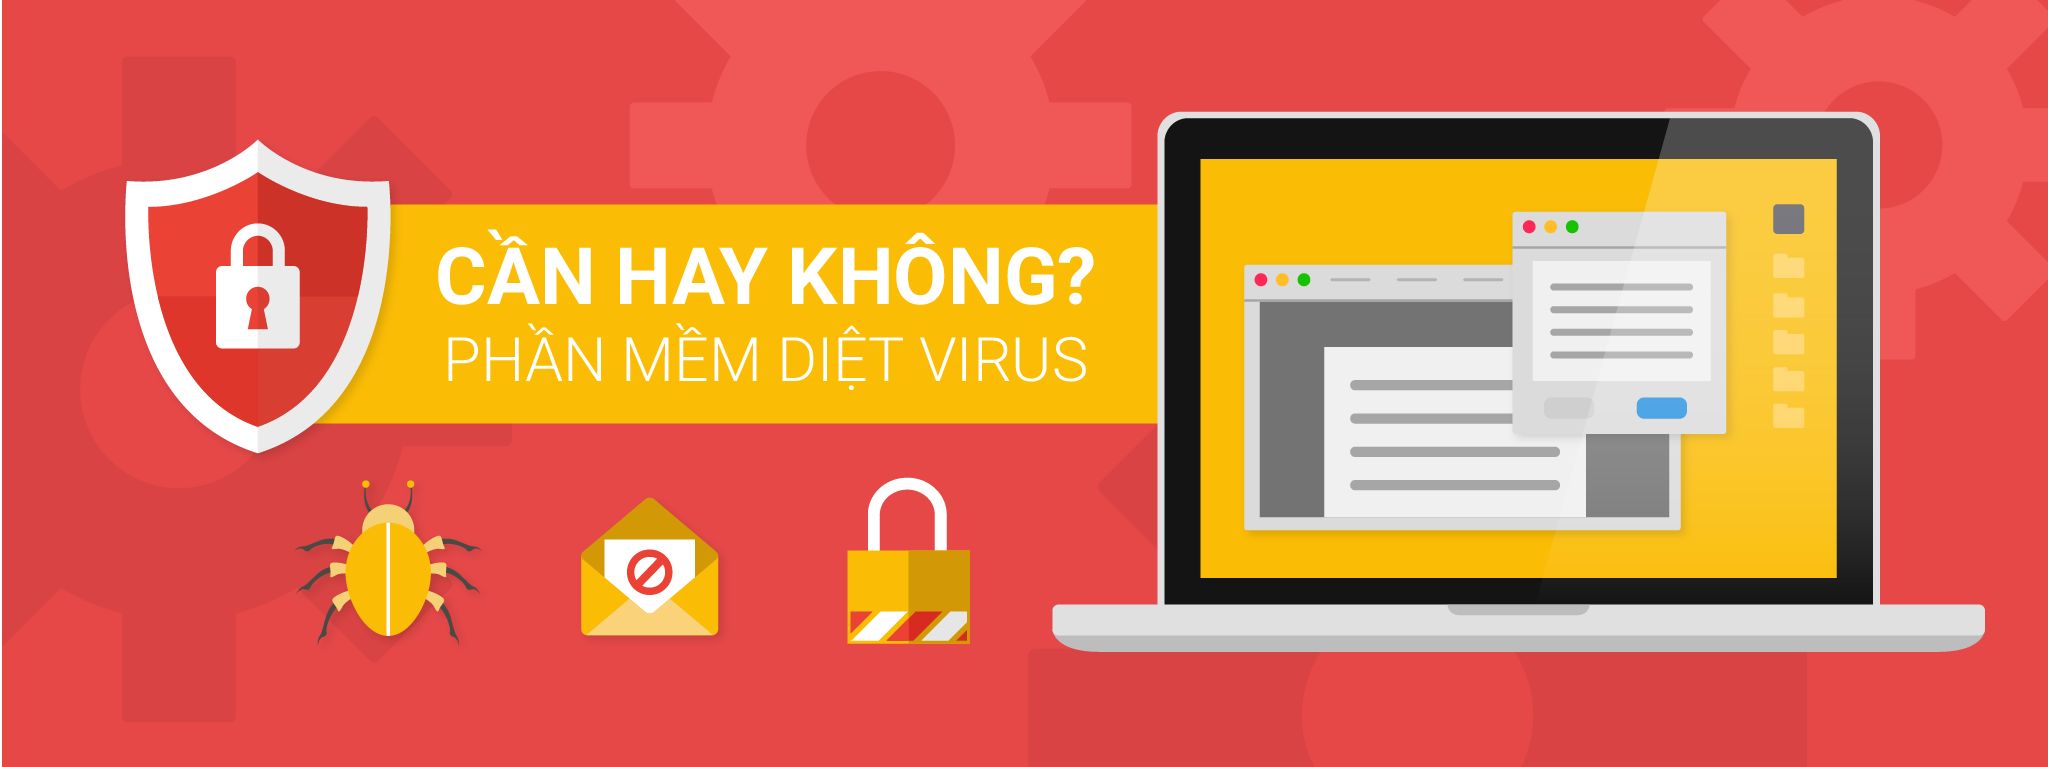 Có thật sự cần thiết cài phần mềm diệt virus không?